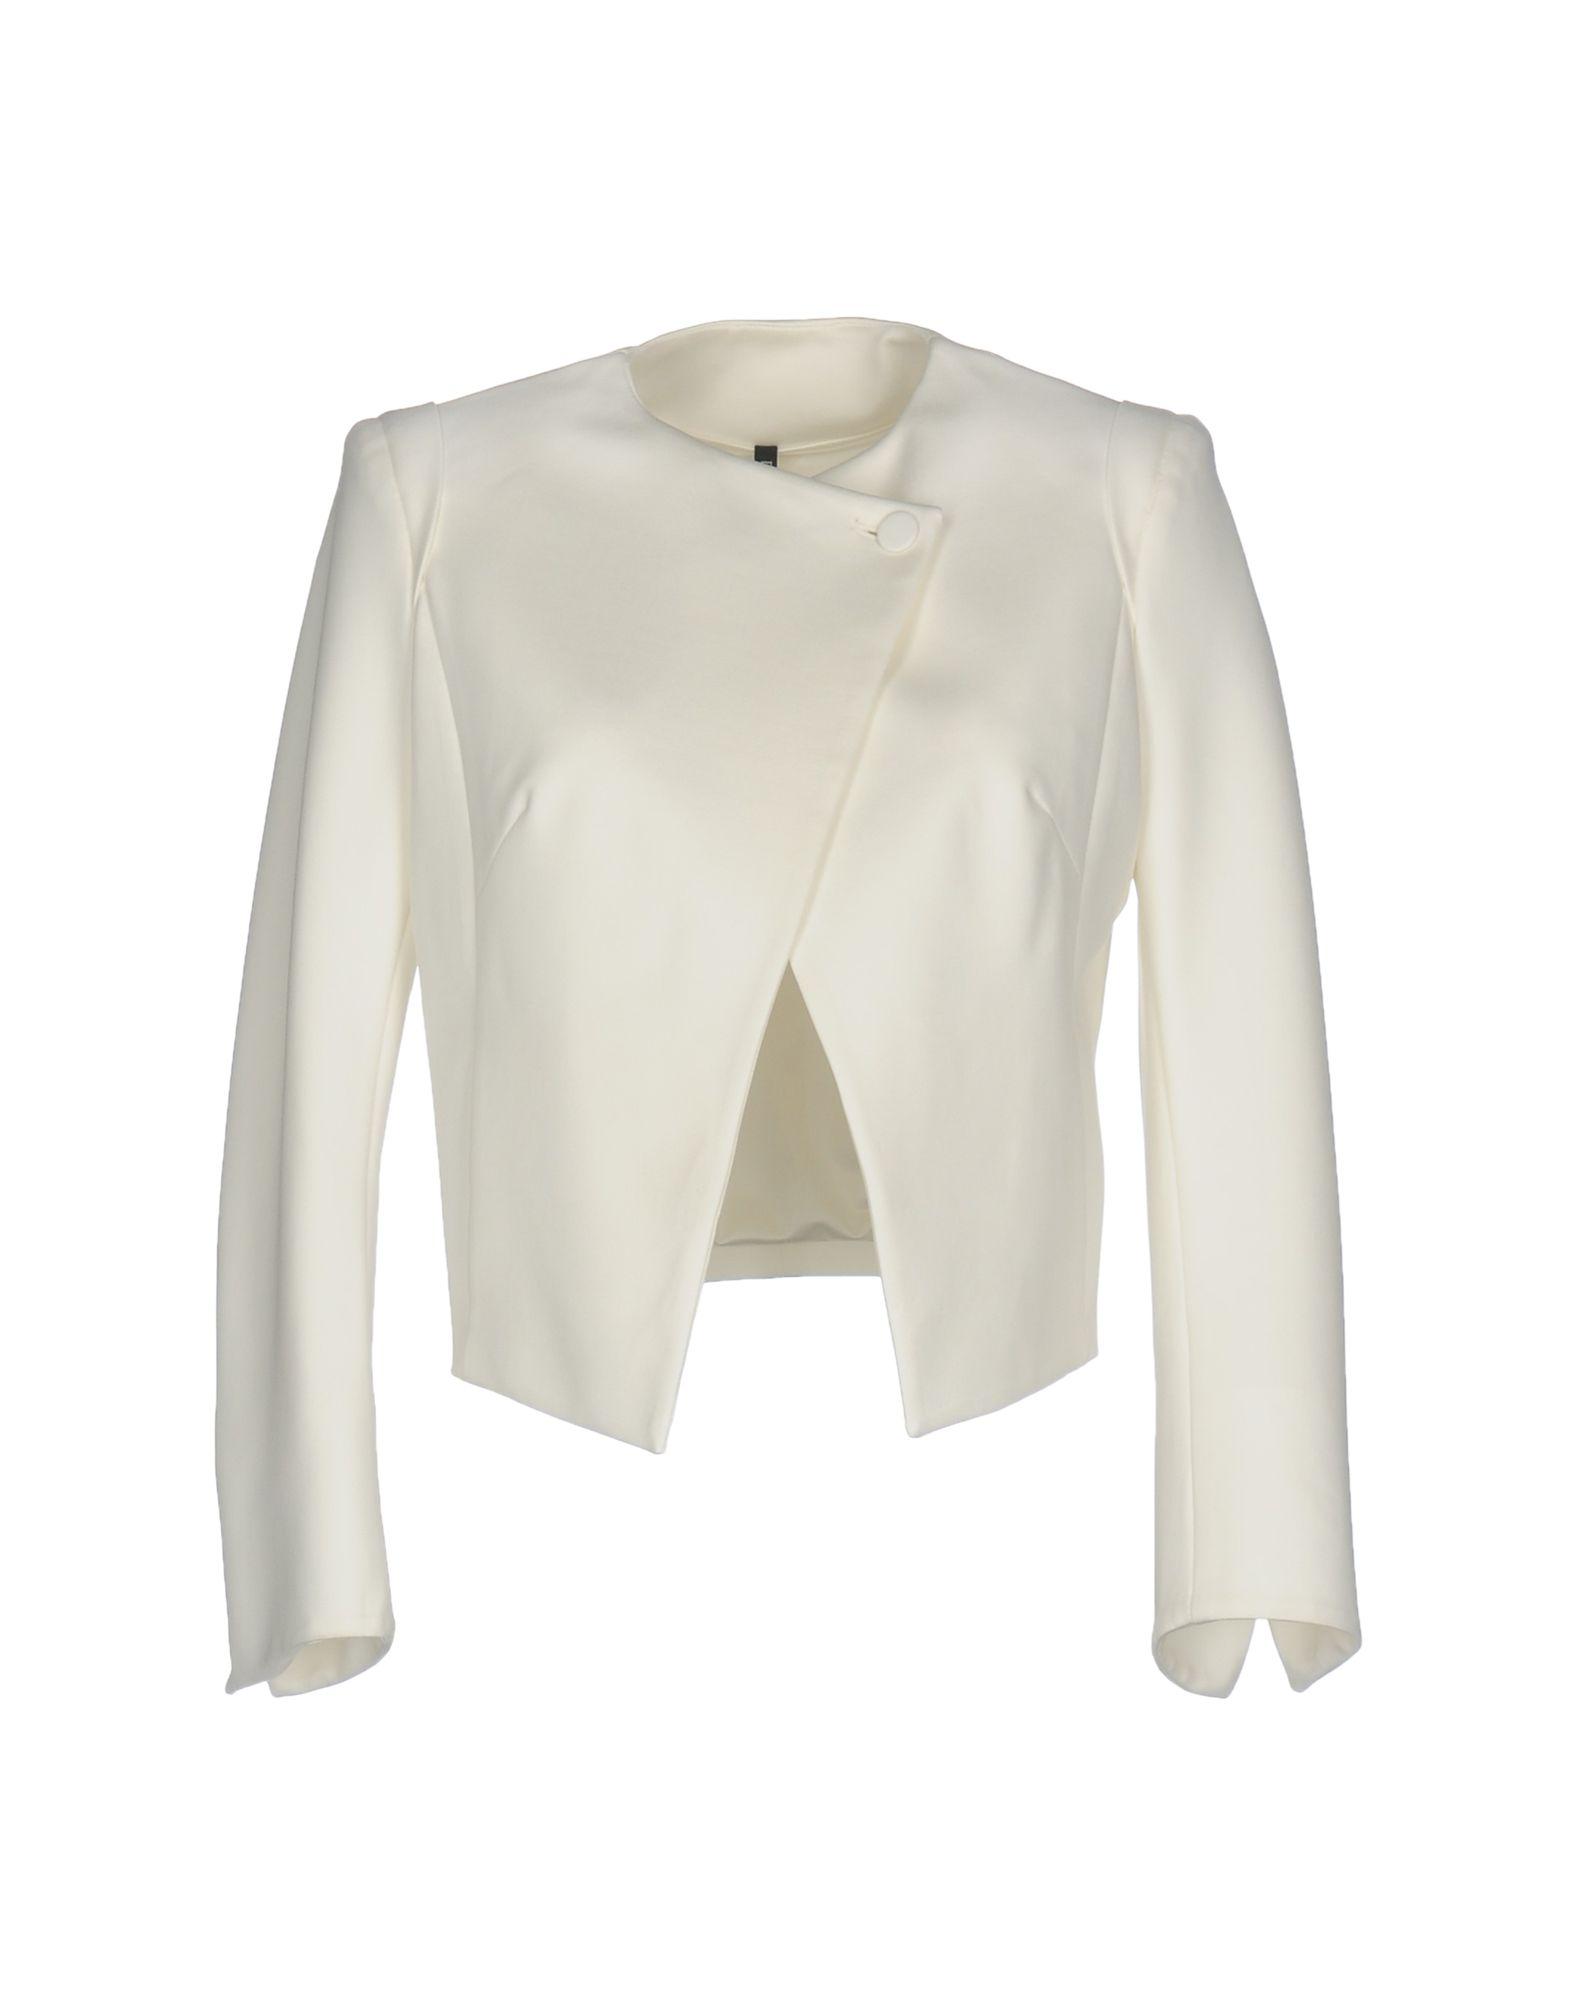 PLEIN SUD JEANIUS Blazer in White